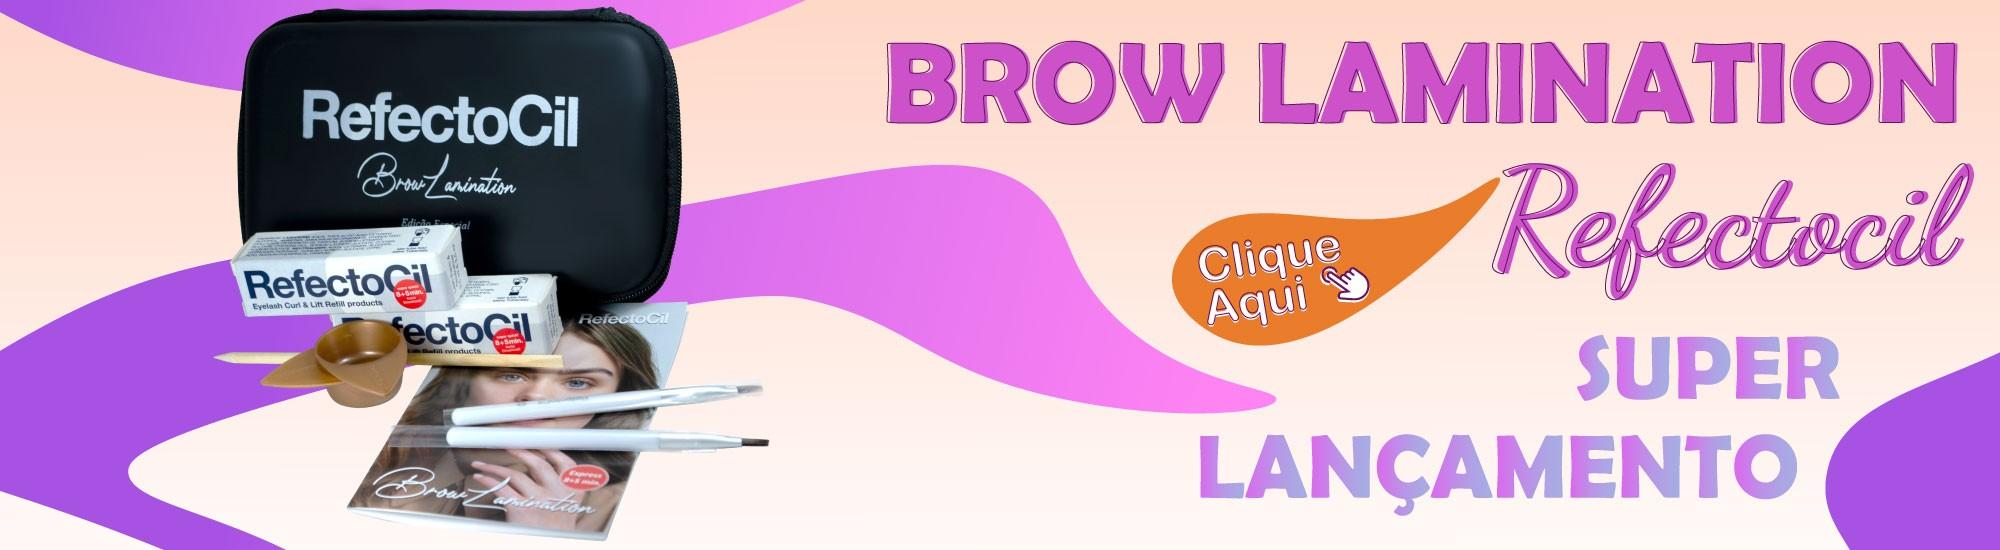 Brow Lamination Refectocil